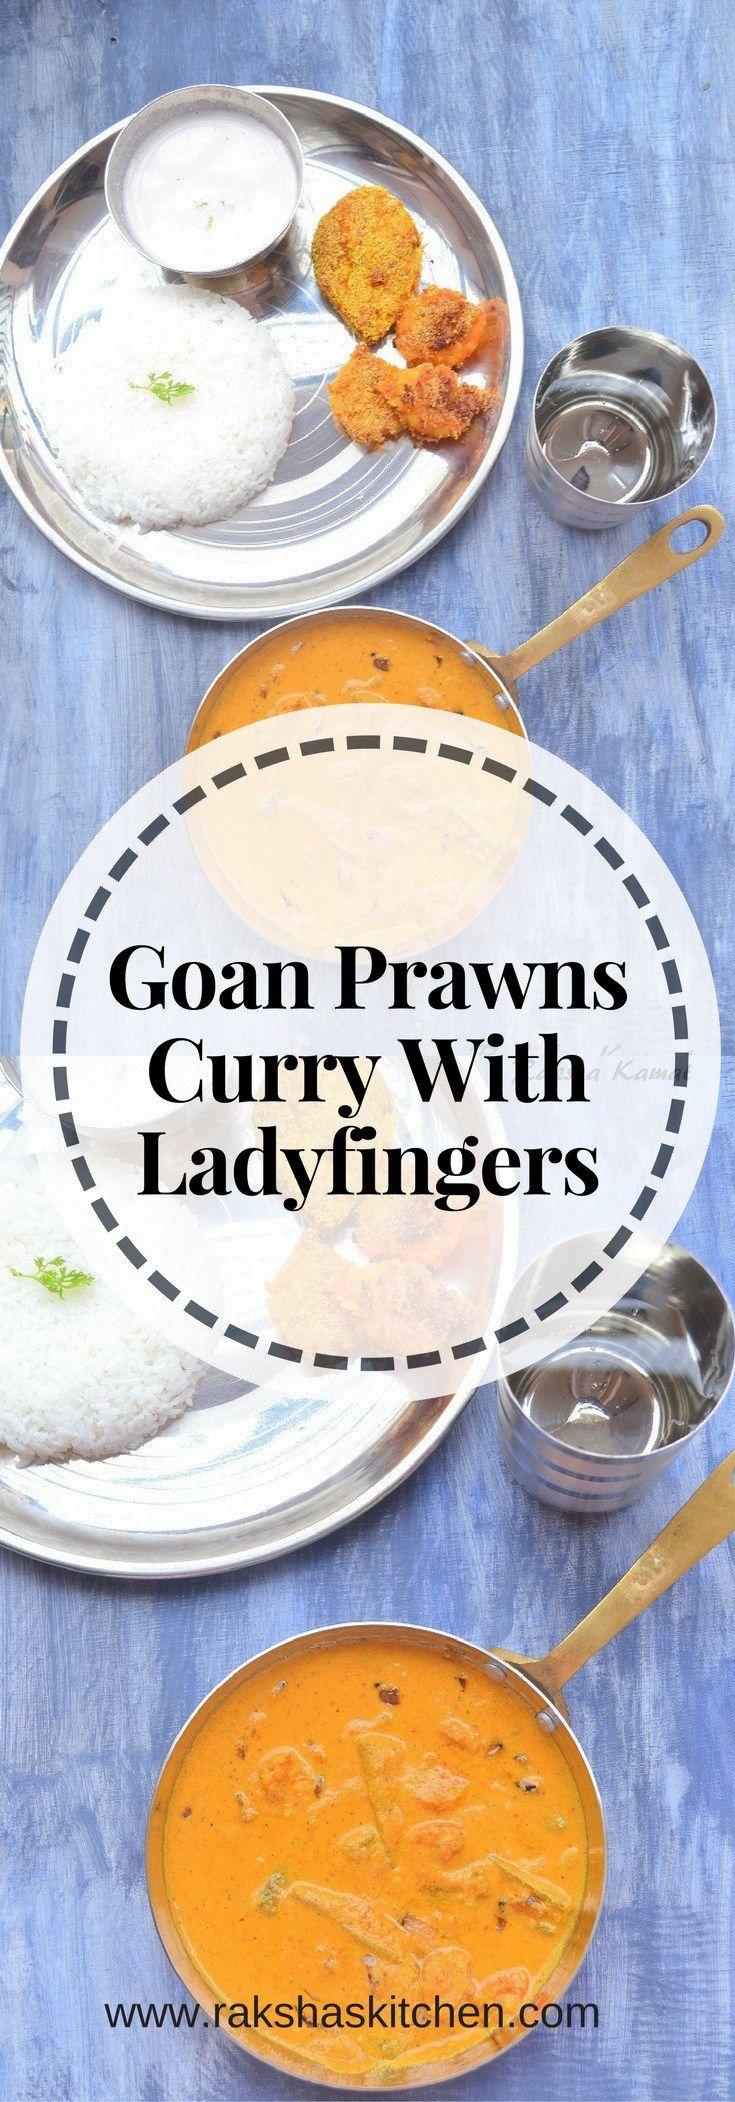 Goan Prawns Curry With Ladyfingers, Goan Prawns Curry